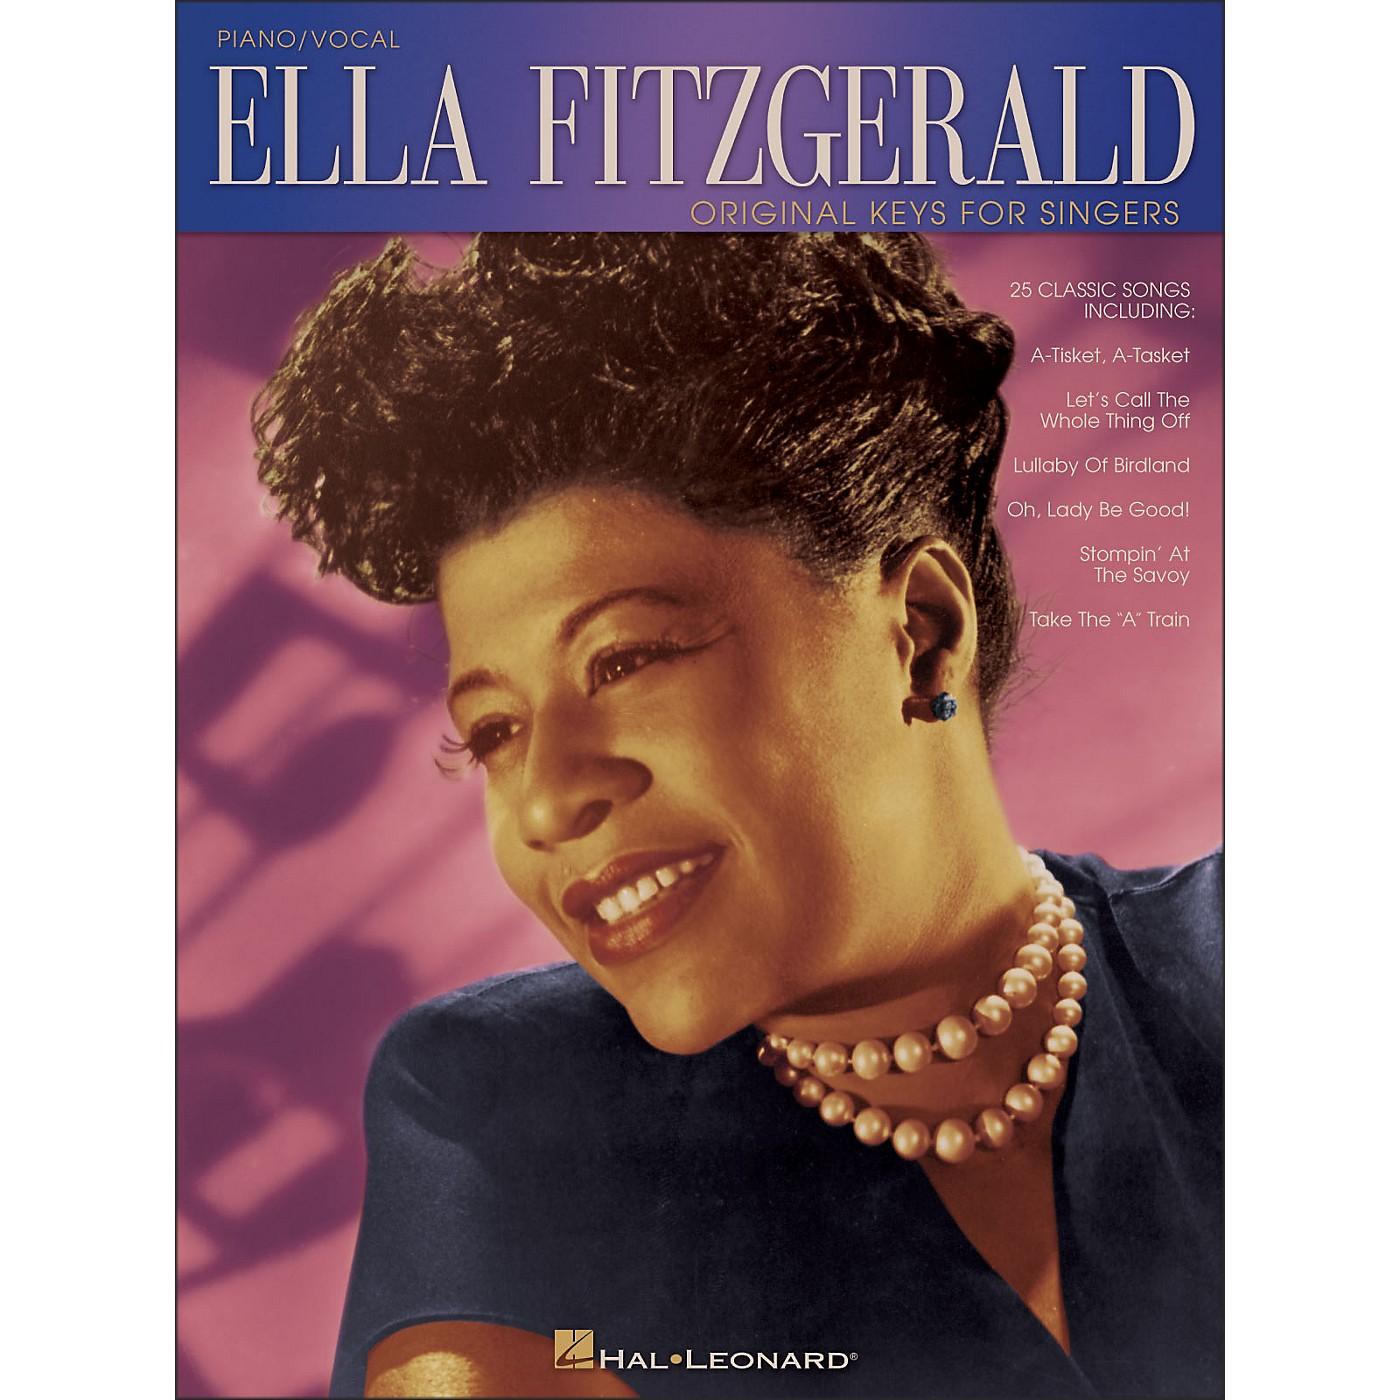 Hal Leonard Ella Fitzgerald - Original Keys for Singers (Vocal / Piano) thumbnail